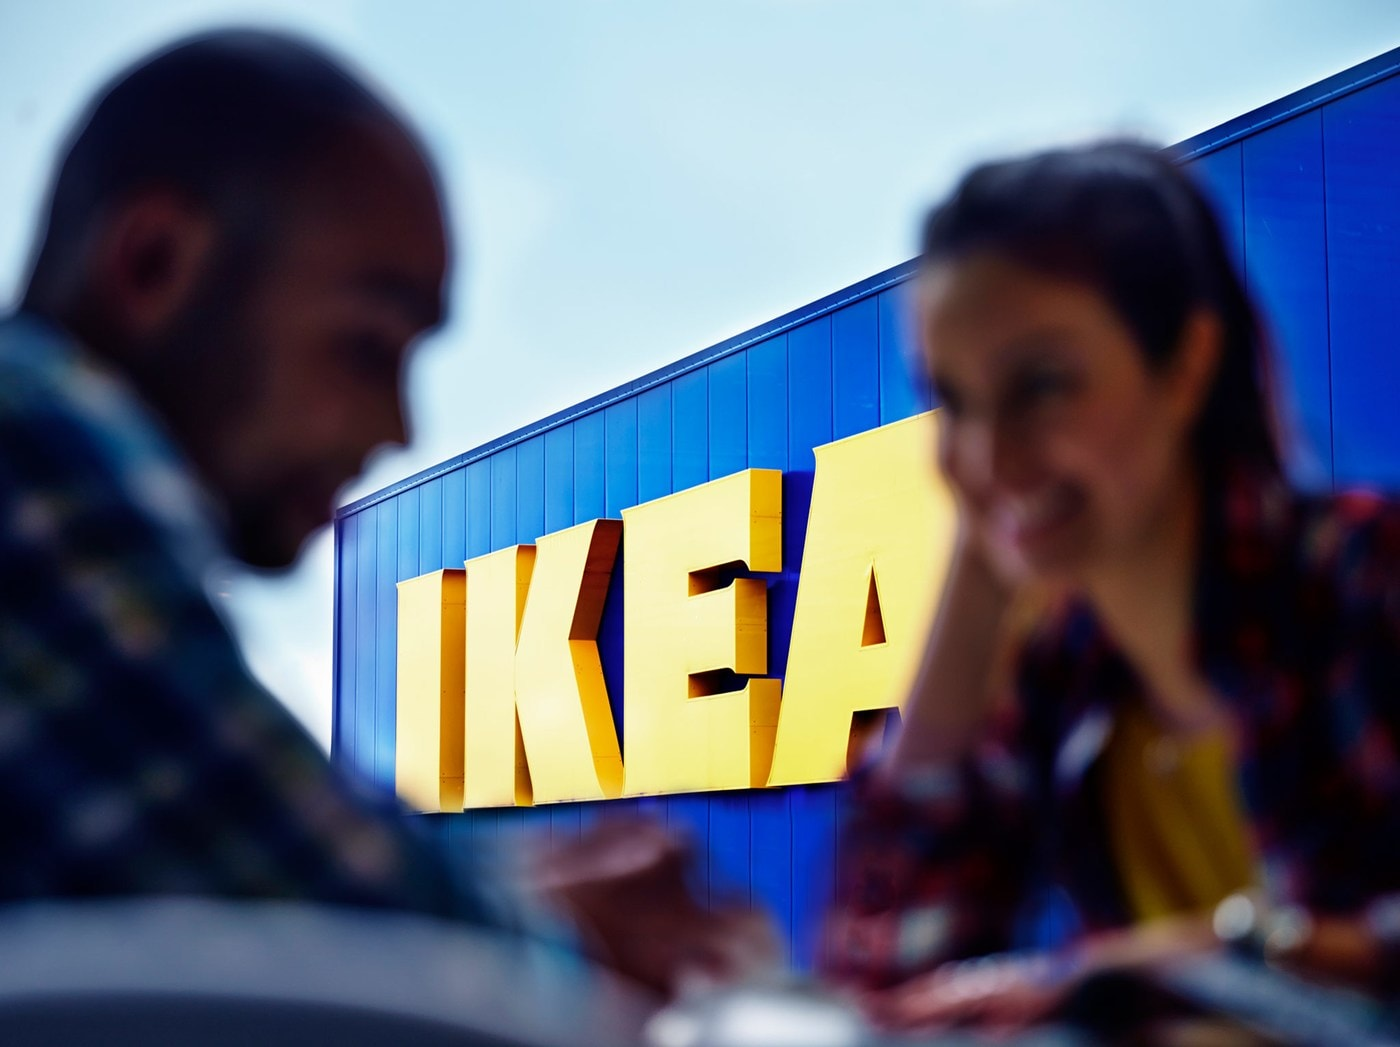 IKEA a été créé à Älmhult, en Suède, mais aujourd'hui, c'est une multinationale. Le logo IKEA est jaune et bleu, comme le drapeau suédois.